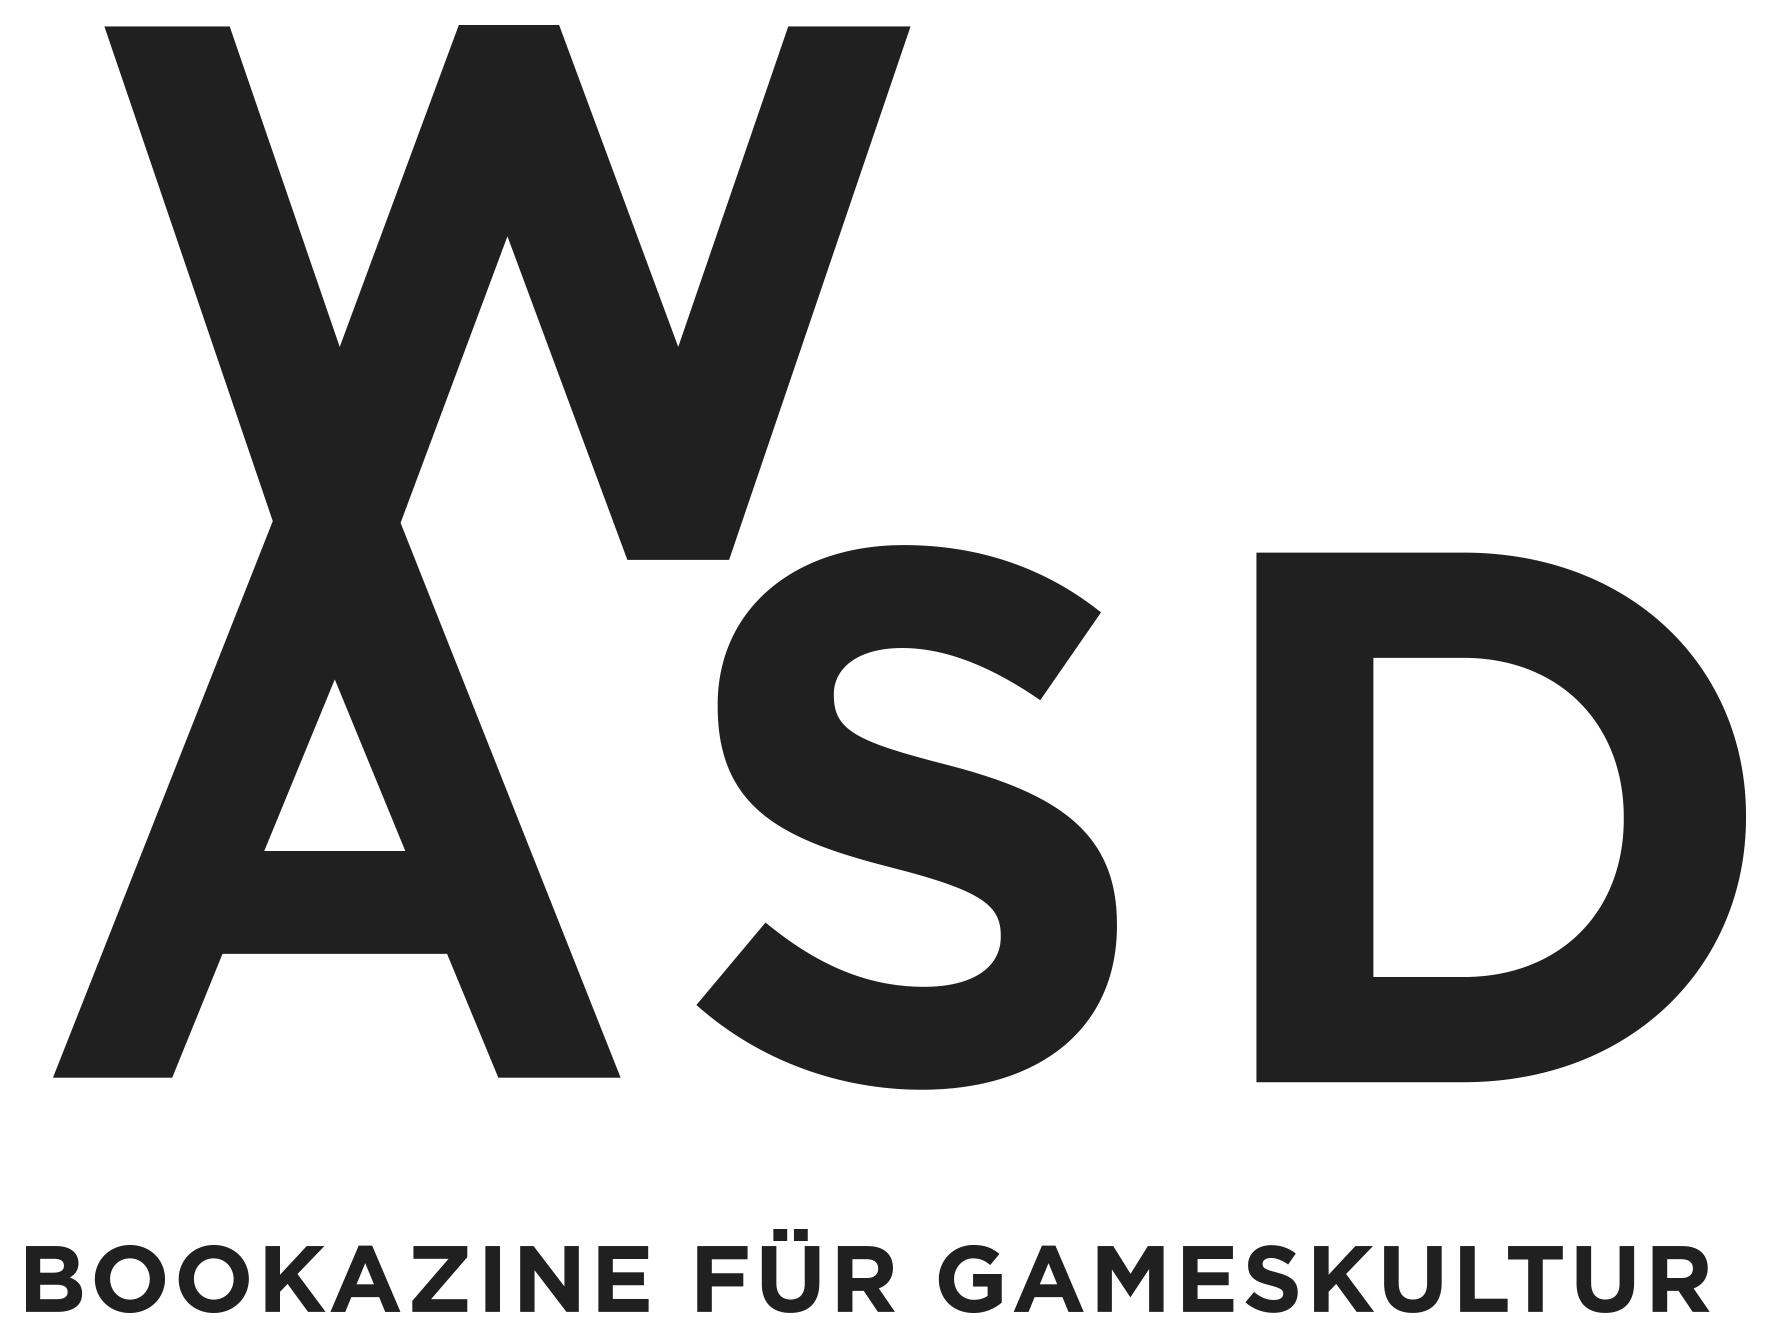 Das WASD Bookazine für Gameskultur wird von Christian Schiffer herausgegeben.